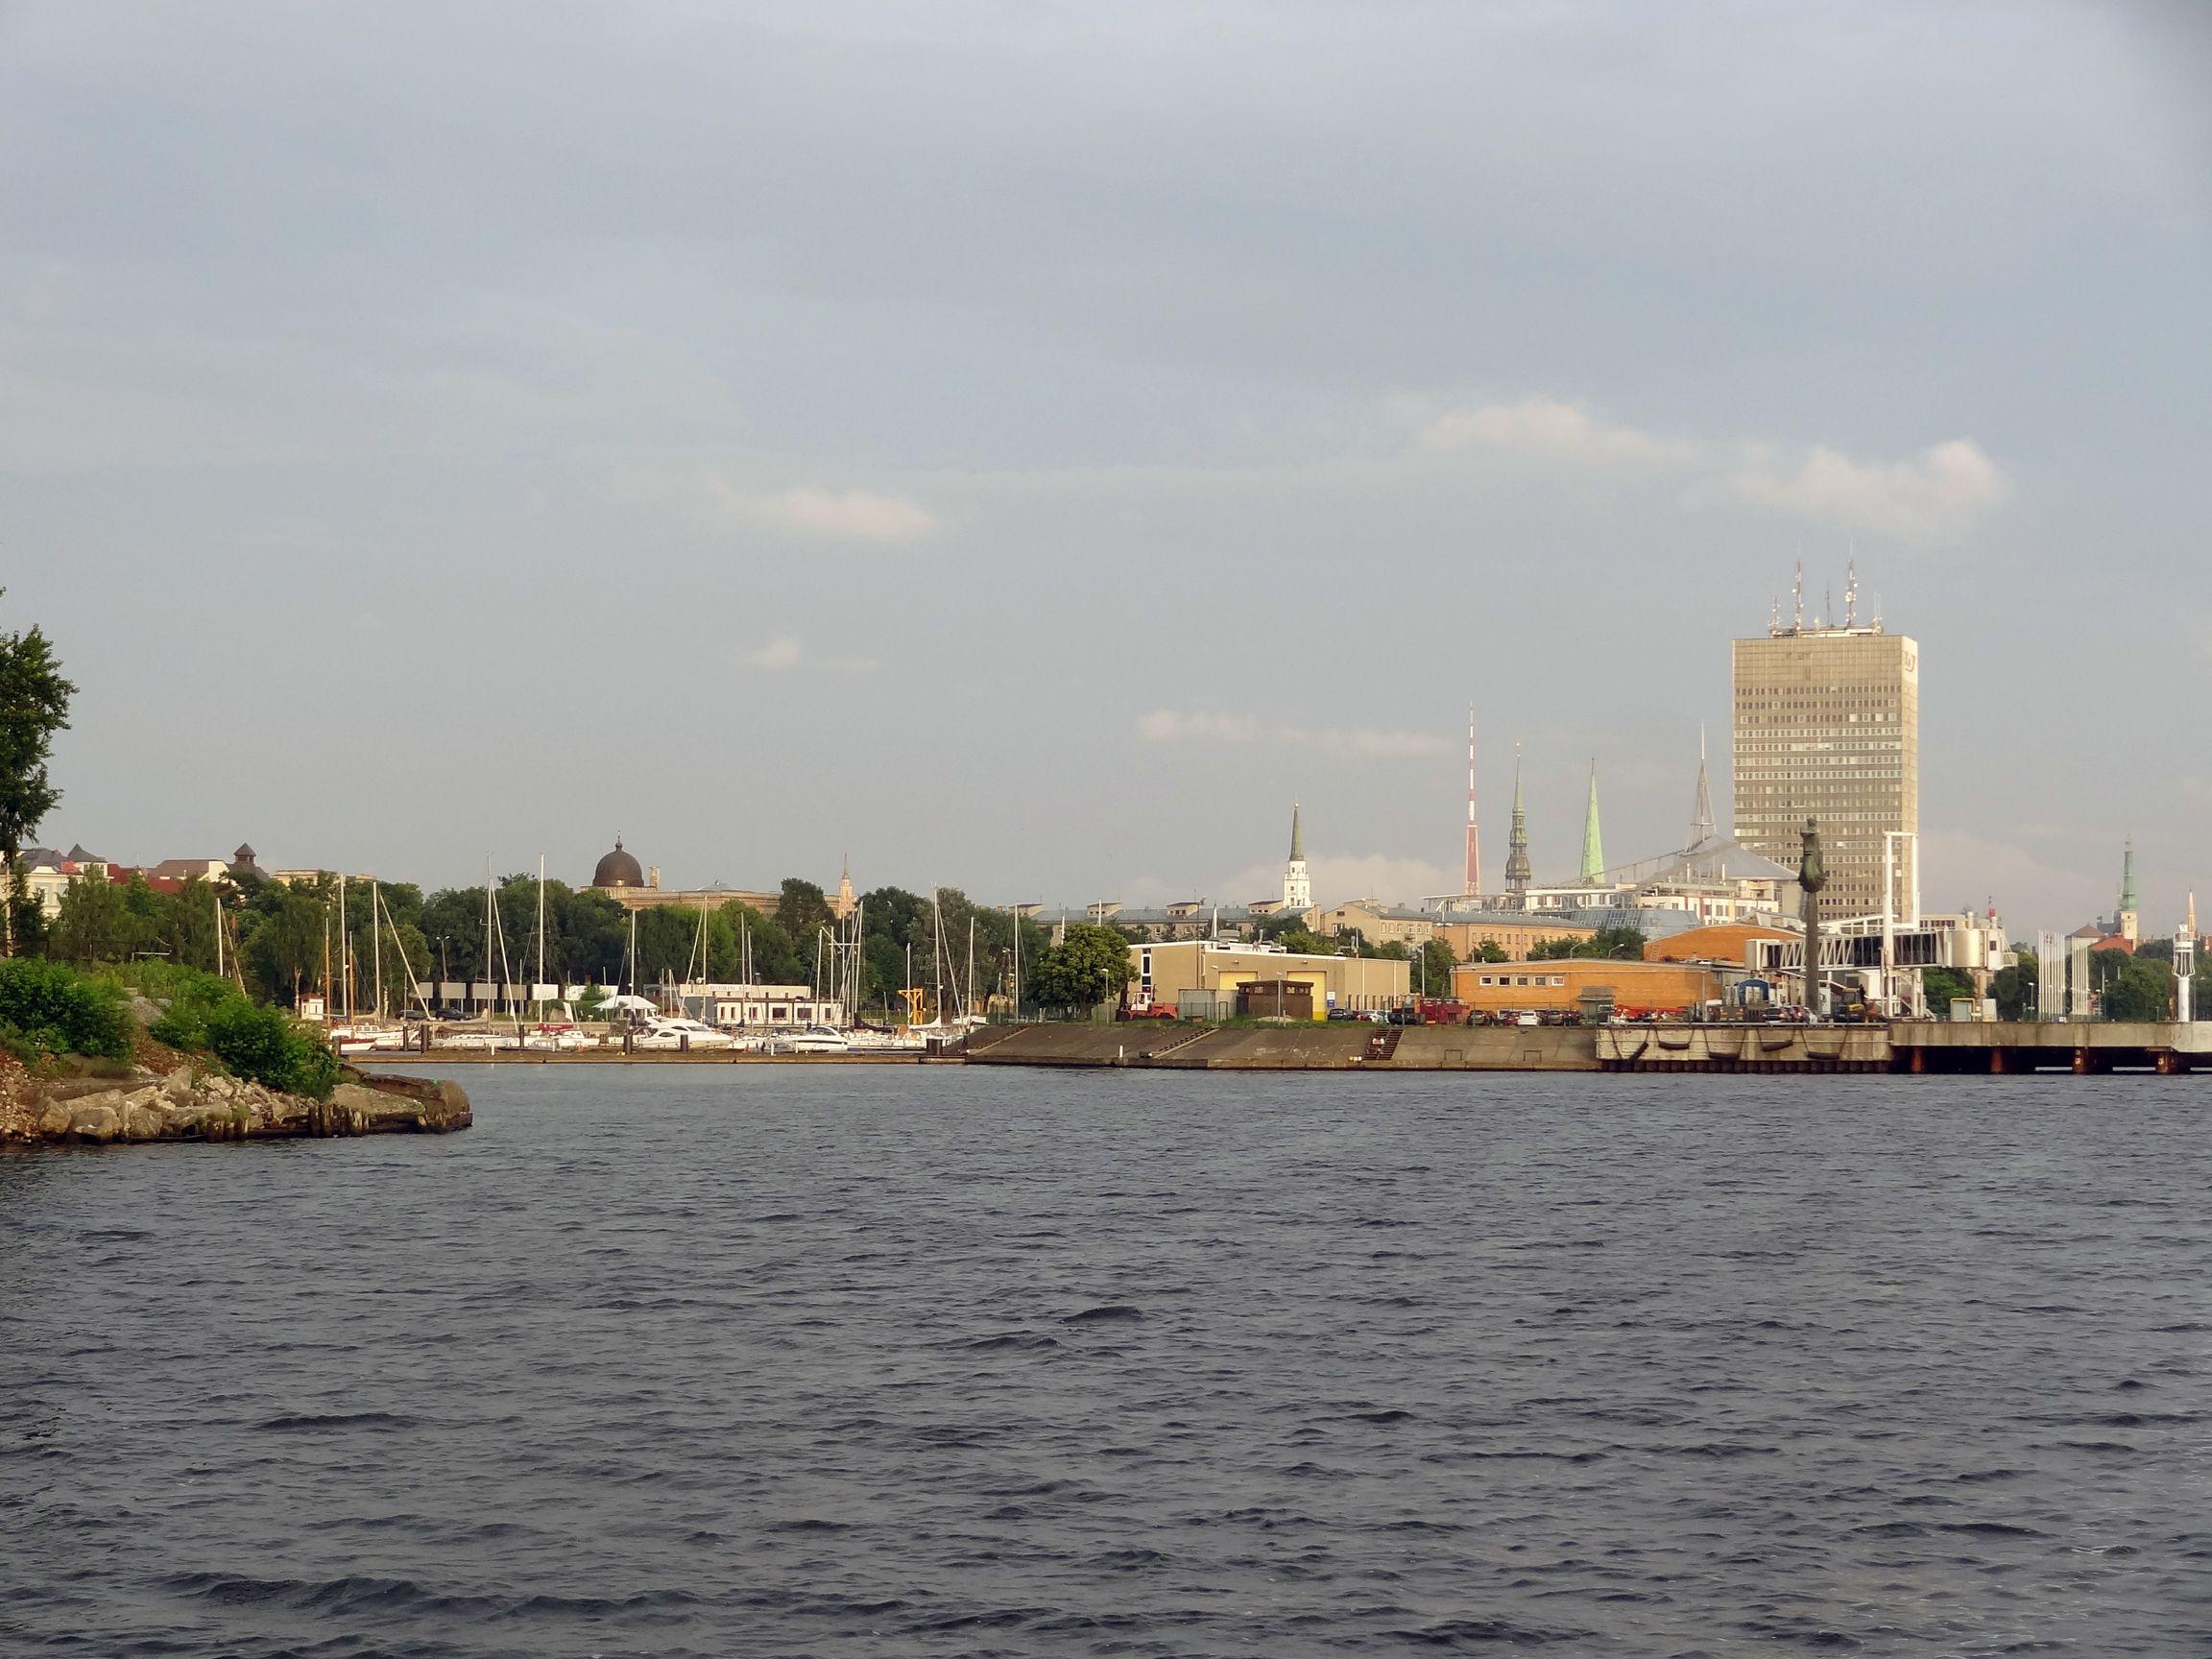 Hafeneinfahrt Andrejosta - Hafen in Riga